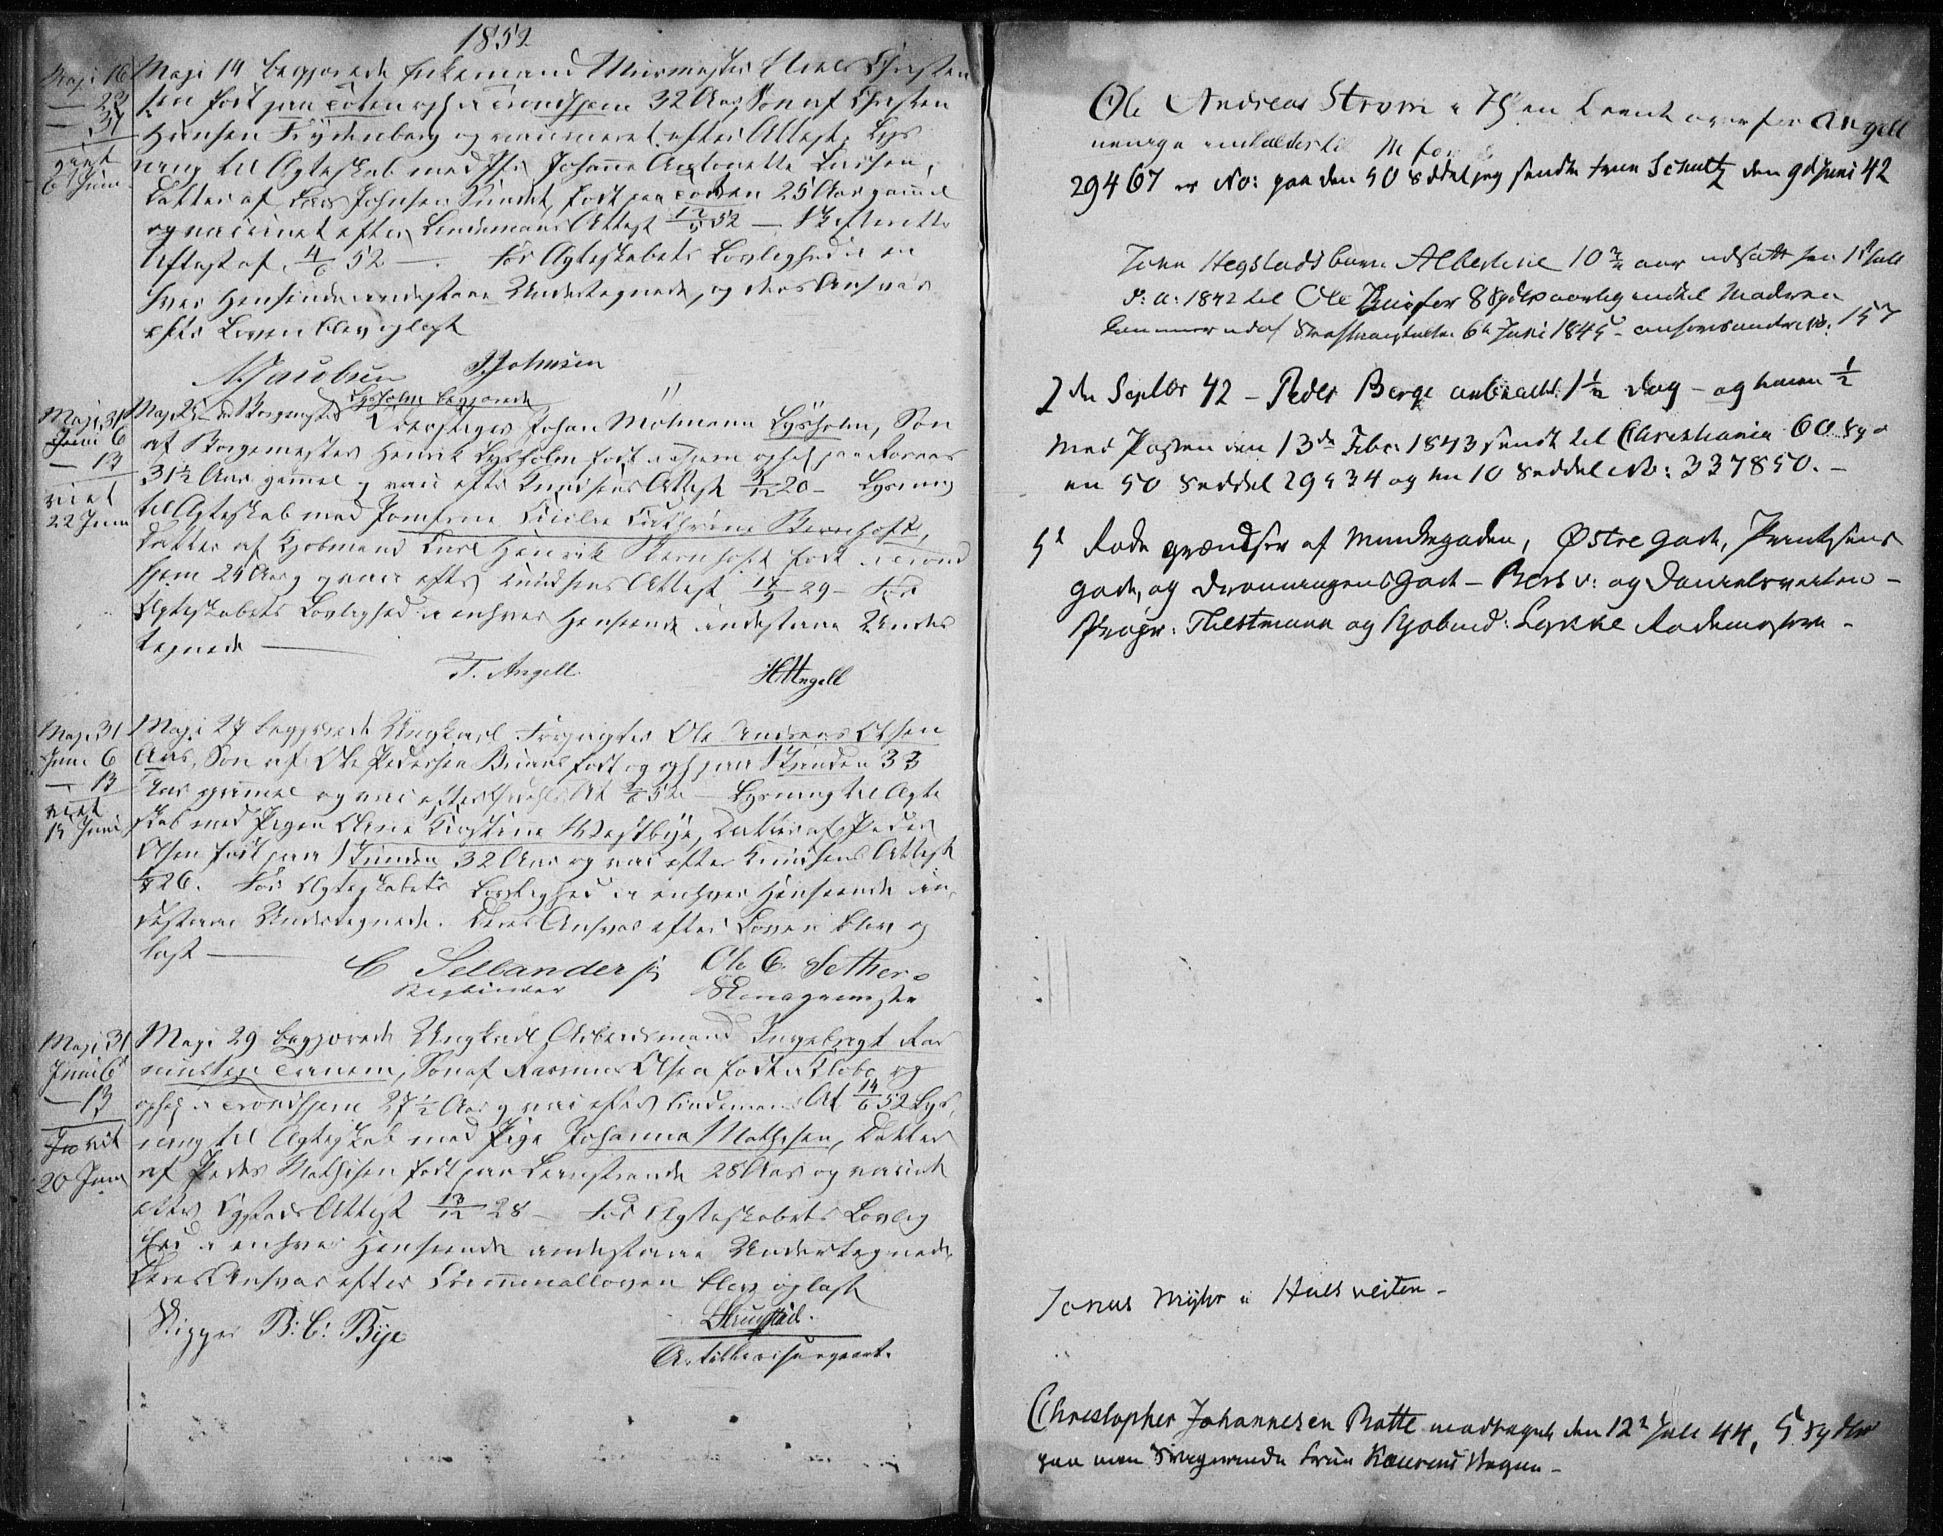 SAT, Ministerialprotokoller, klokkerbøker og fødselsregistre - Sør-Trøndelag, 601/L0050: Ministerialbok nr. 601A18, 1841-1852